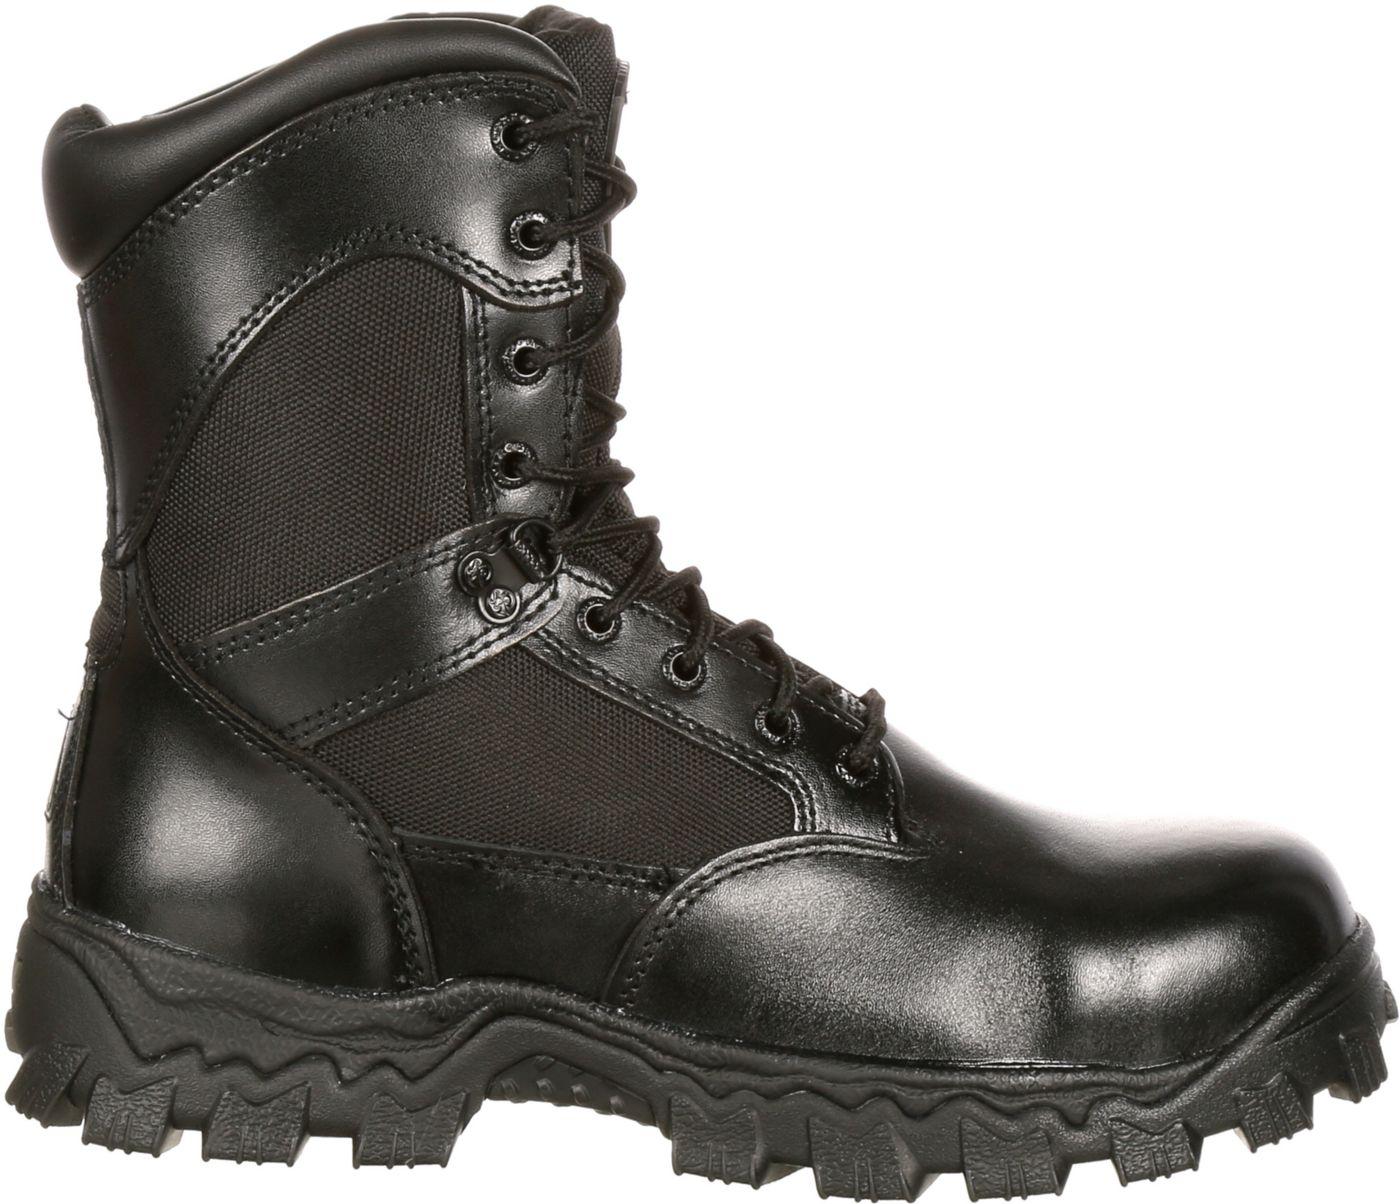 Rocky Men's AlphaForce 8'' Waterproof Composite Toe Work Boots